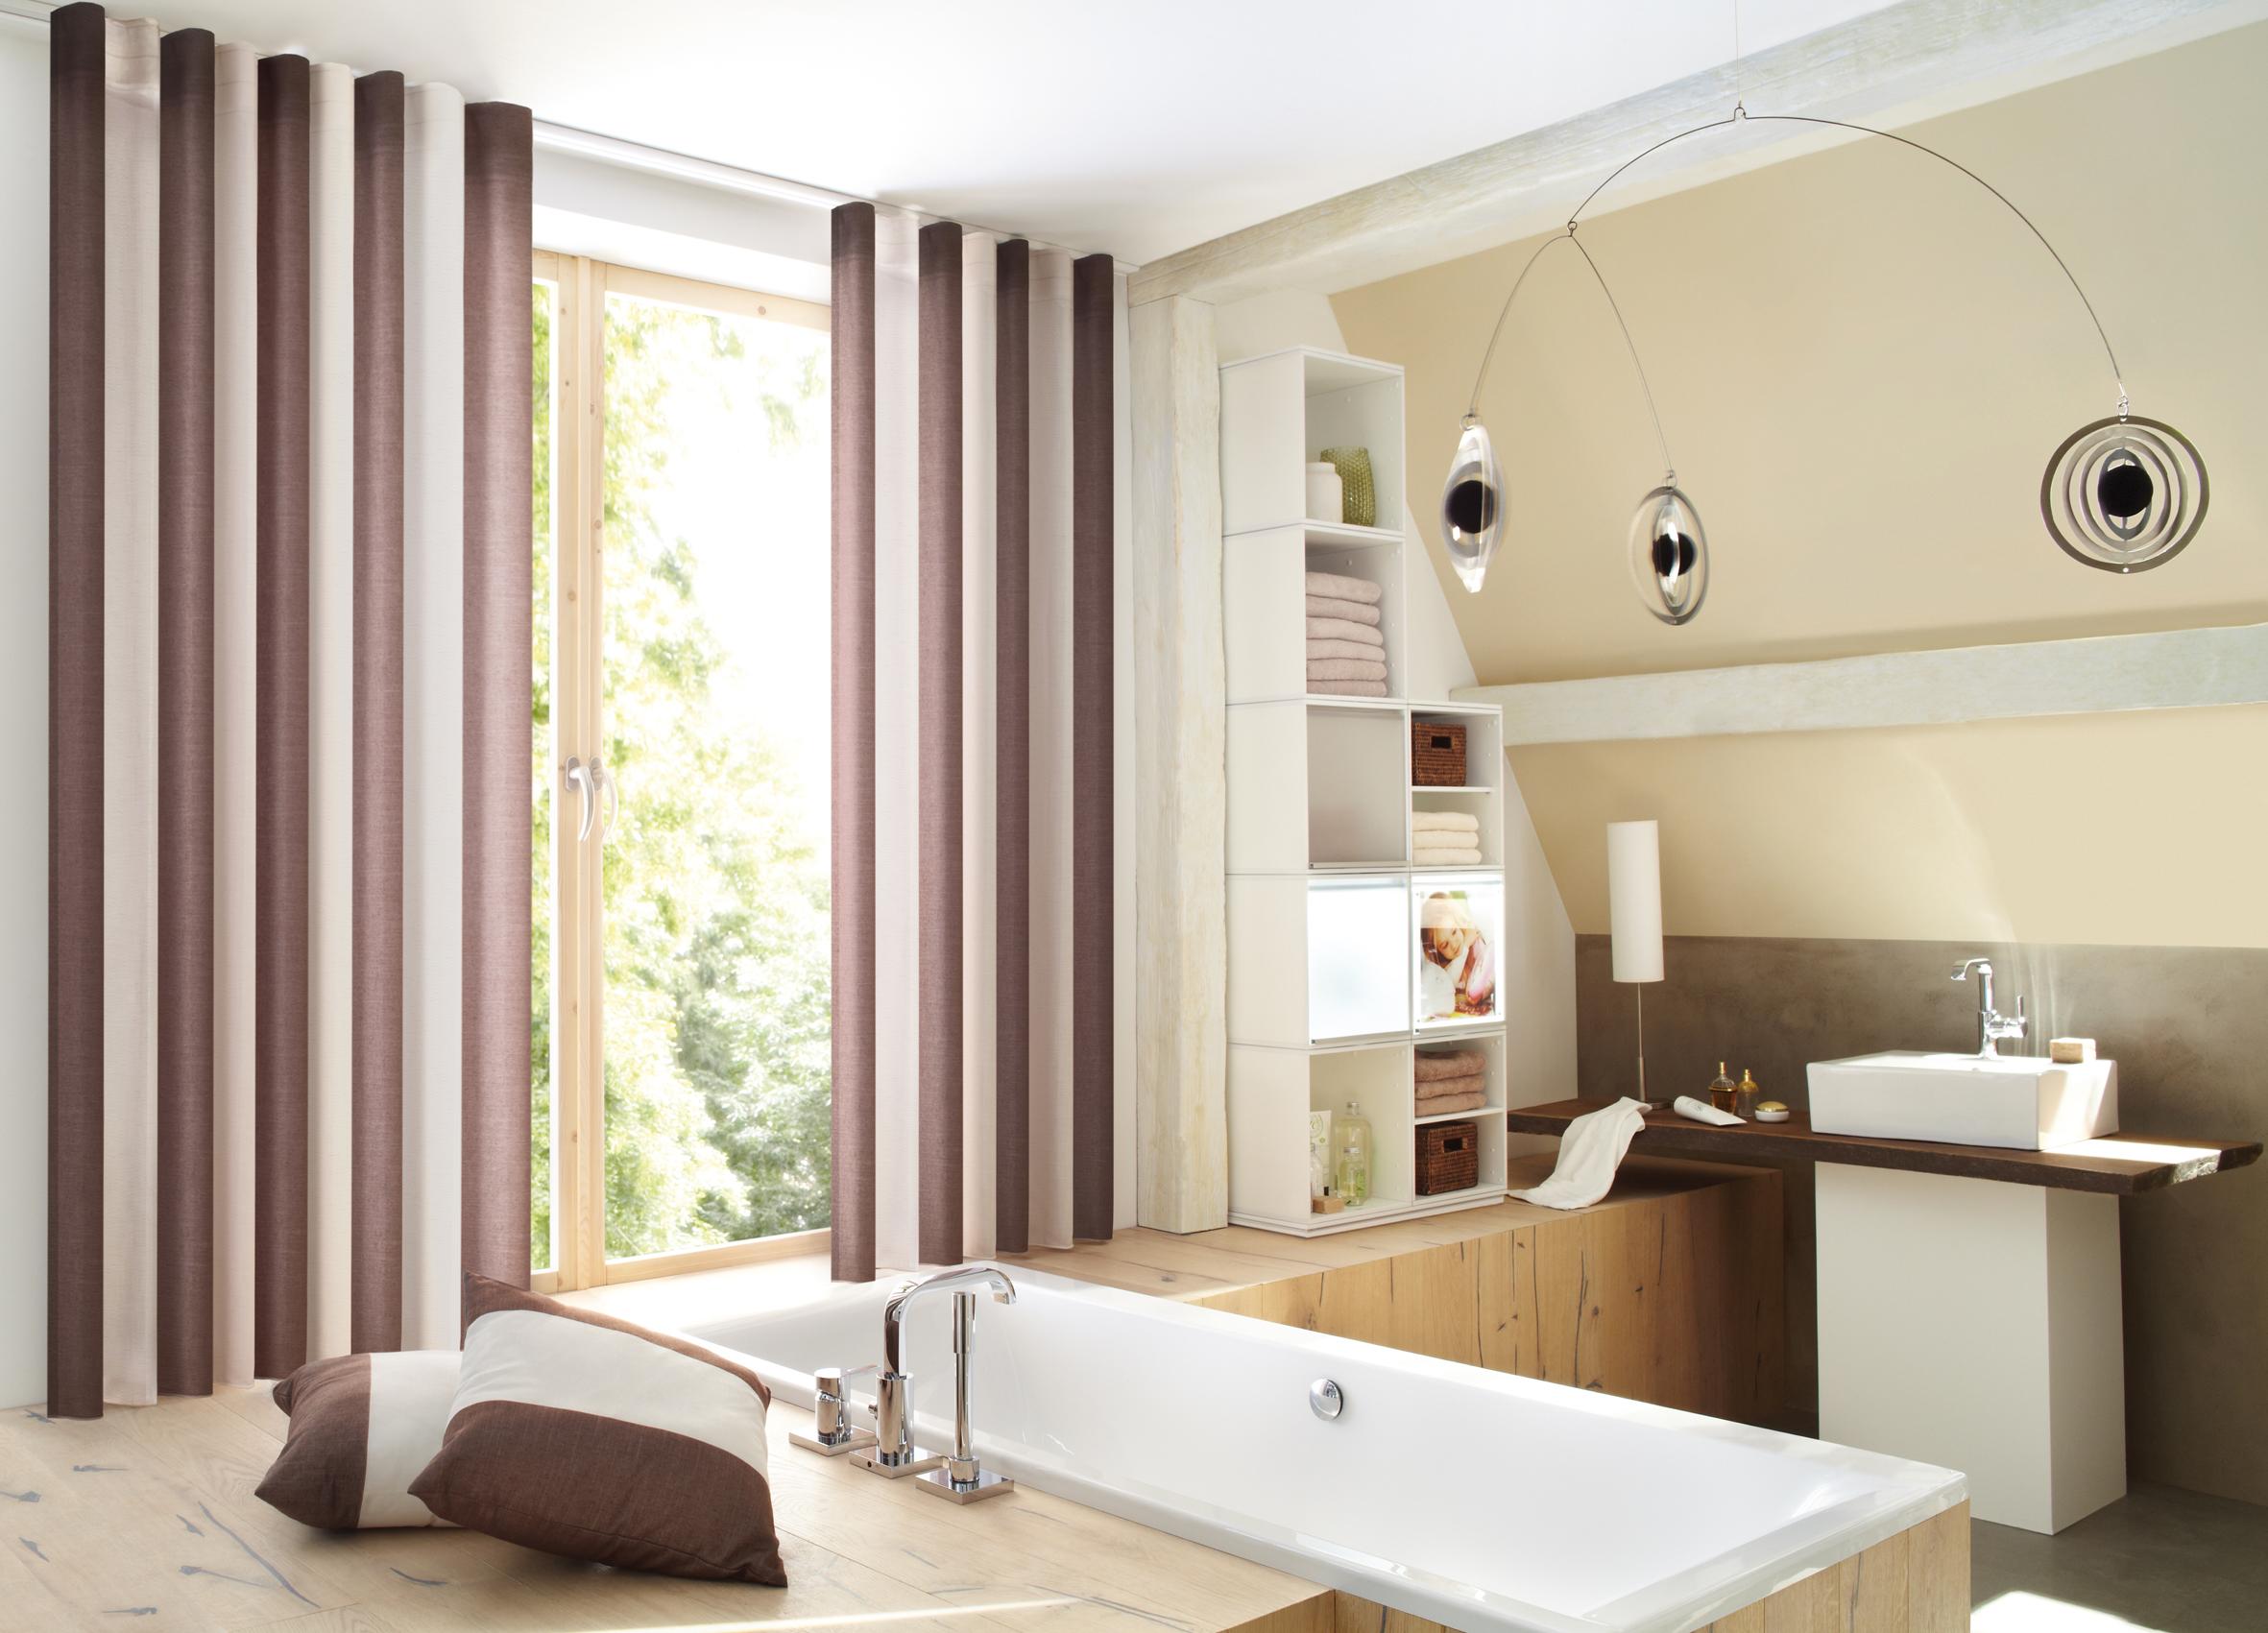 Full Size of Gardinen Und Vorhnge Richtig Aufhngen Gerstercom Vorhänge Wohnzimmer Schlafzimmer Küche Wohnzimmer Vorhänge Schiene